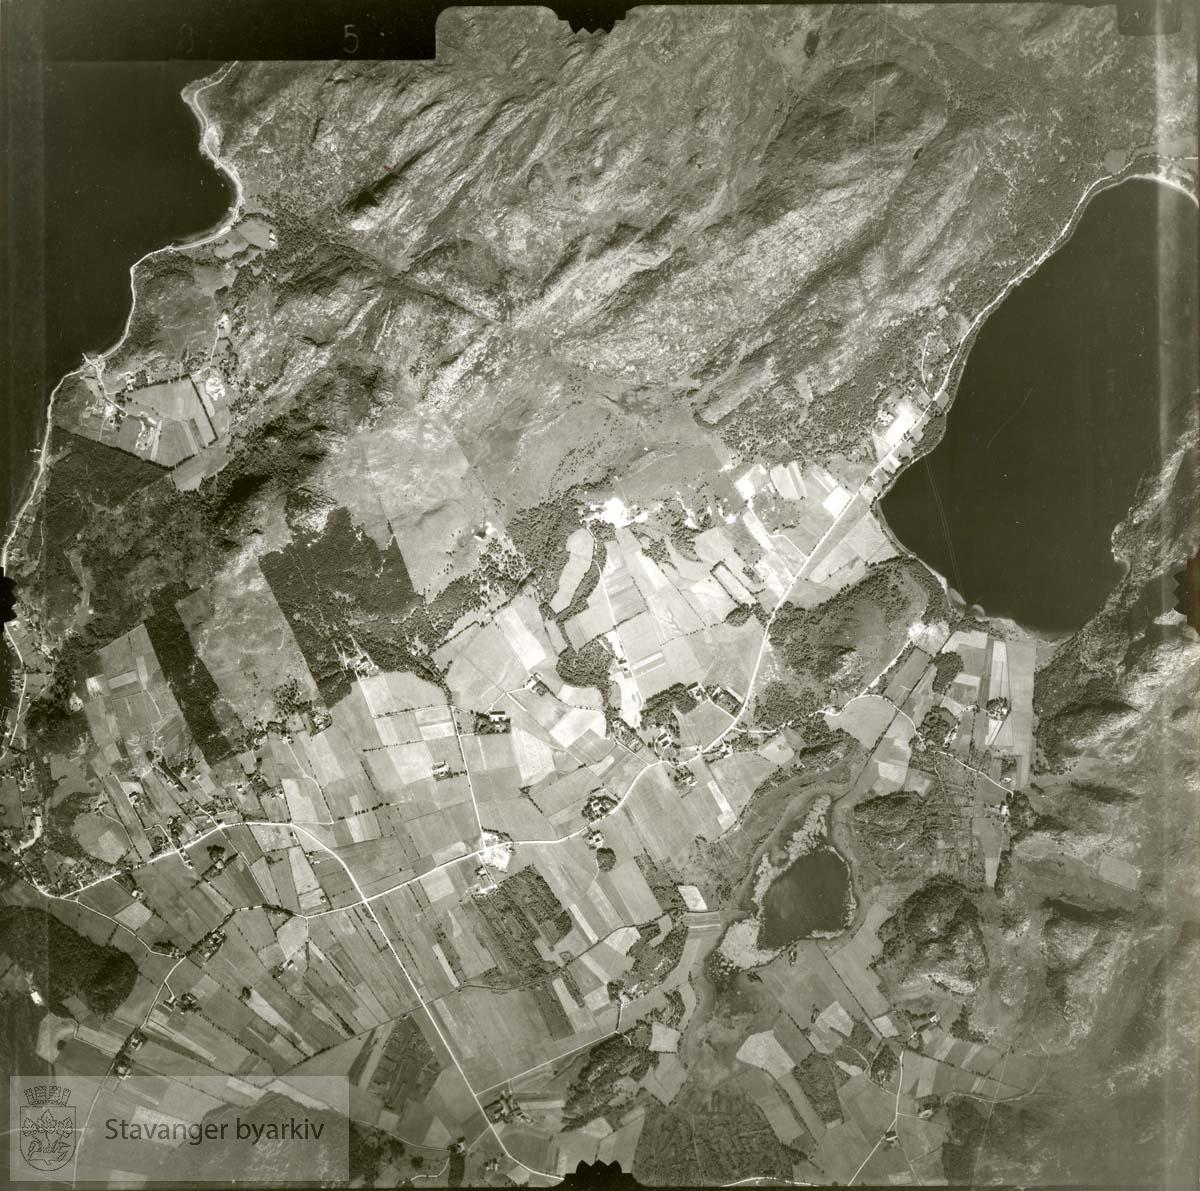 Jfr. kart/fotoplan G15/585..Vatne, Grunningen, Dybingen, Aspermyra, Sandvika..Se ByStW_Uca_002 (kan lastes ned under fanen for kart på Stavangerbilder)